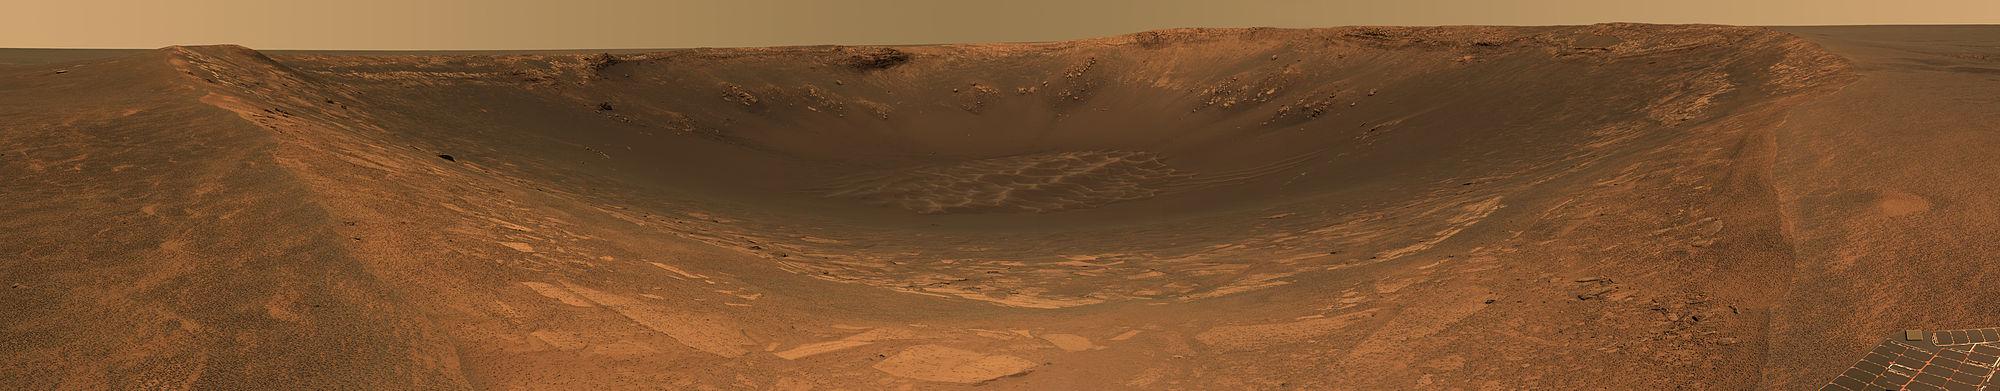 מראה פנורמי 180° - פני השטח של מאדים כפי שצילם רכב החקר אופורטיוניטי.